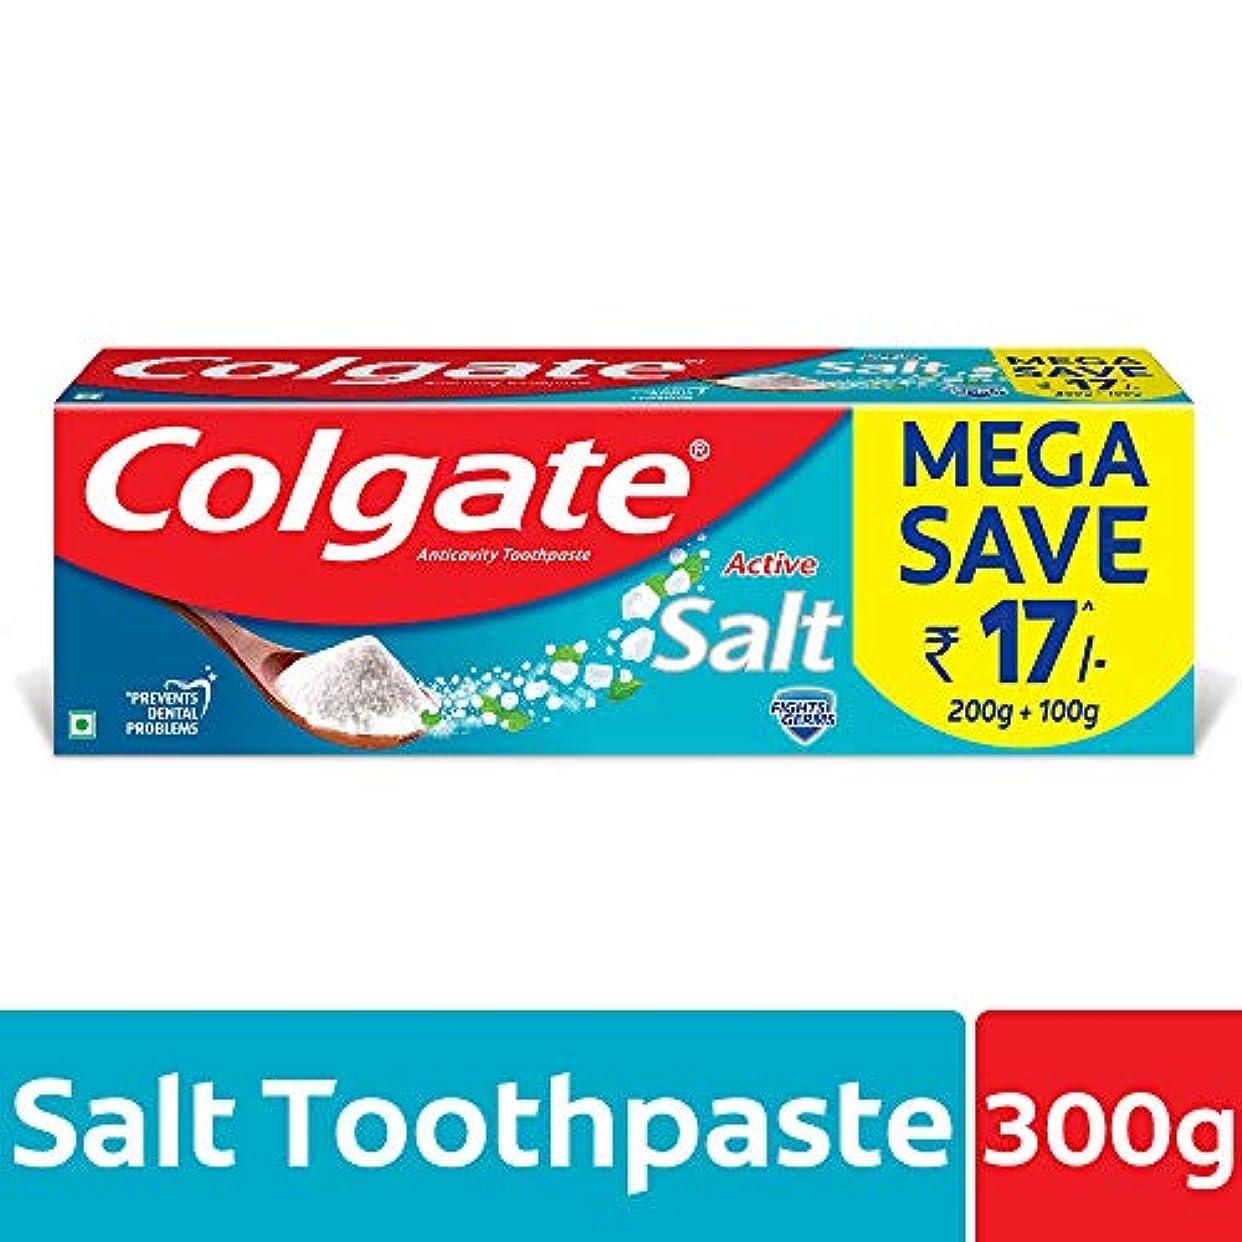 同意する全員男Colgate Active Salt Toothpaste, 300gm(200gm + 100gm)